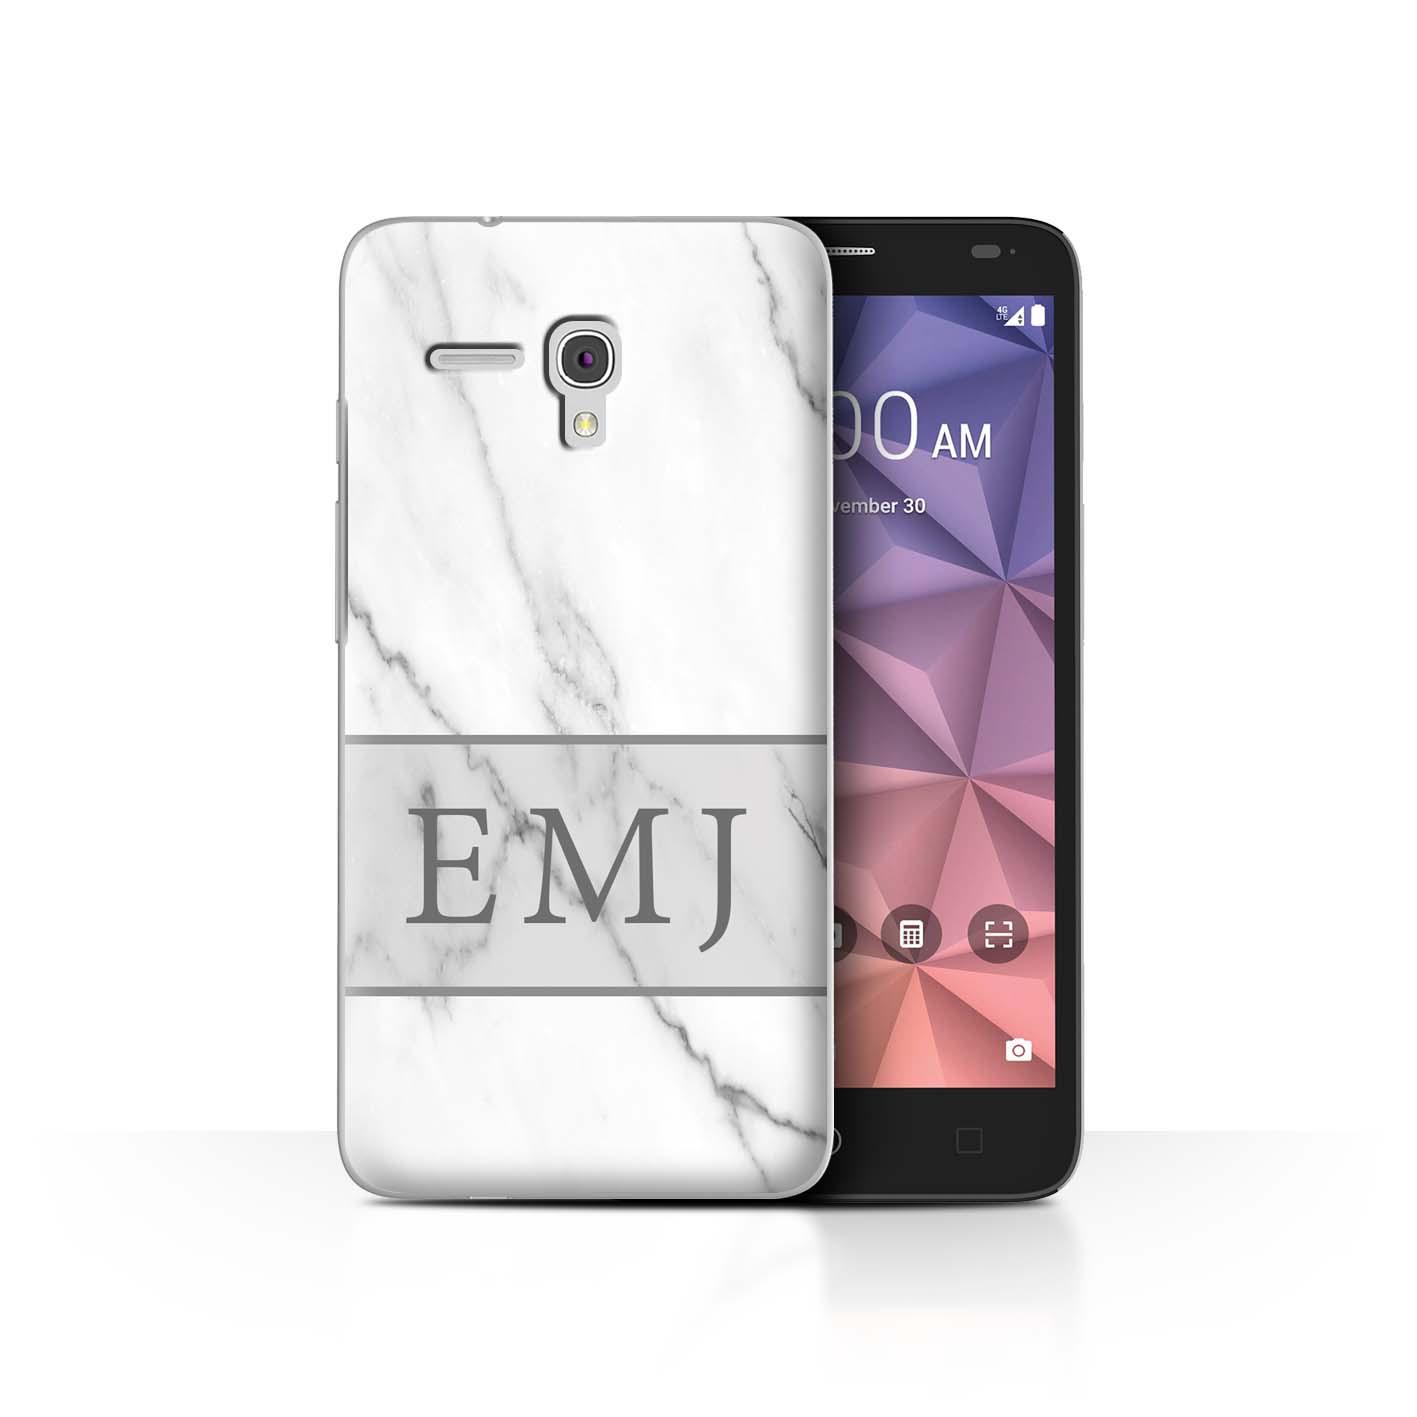 Personalizado-a-medida-marmol-Granito-fundas-para-telefono-PROTECTOR-Alcatel